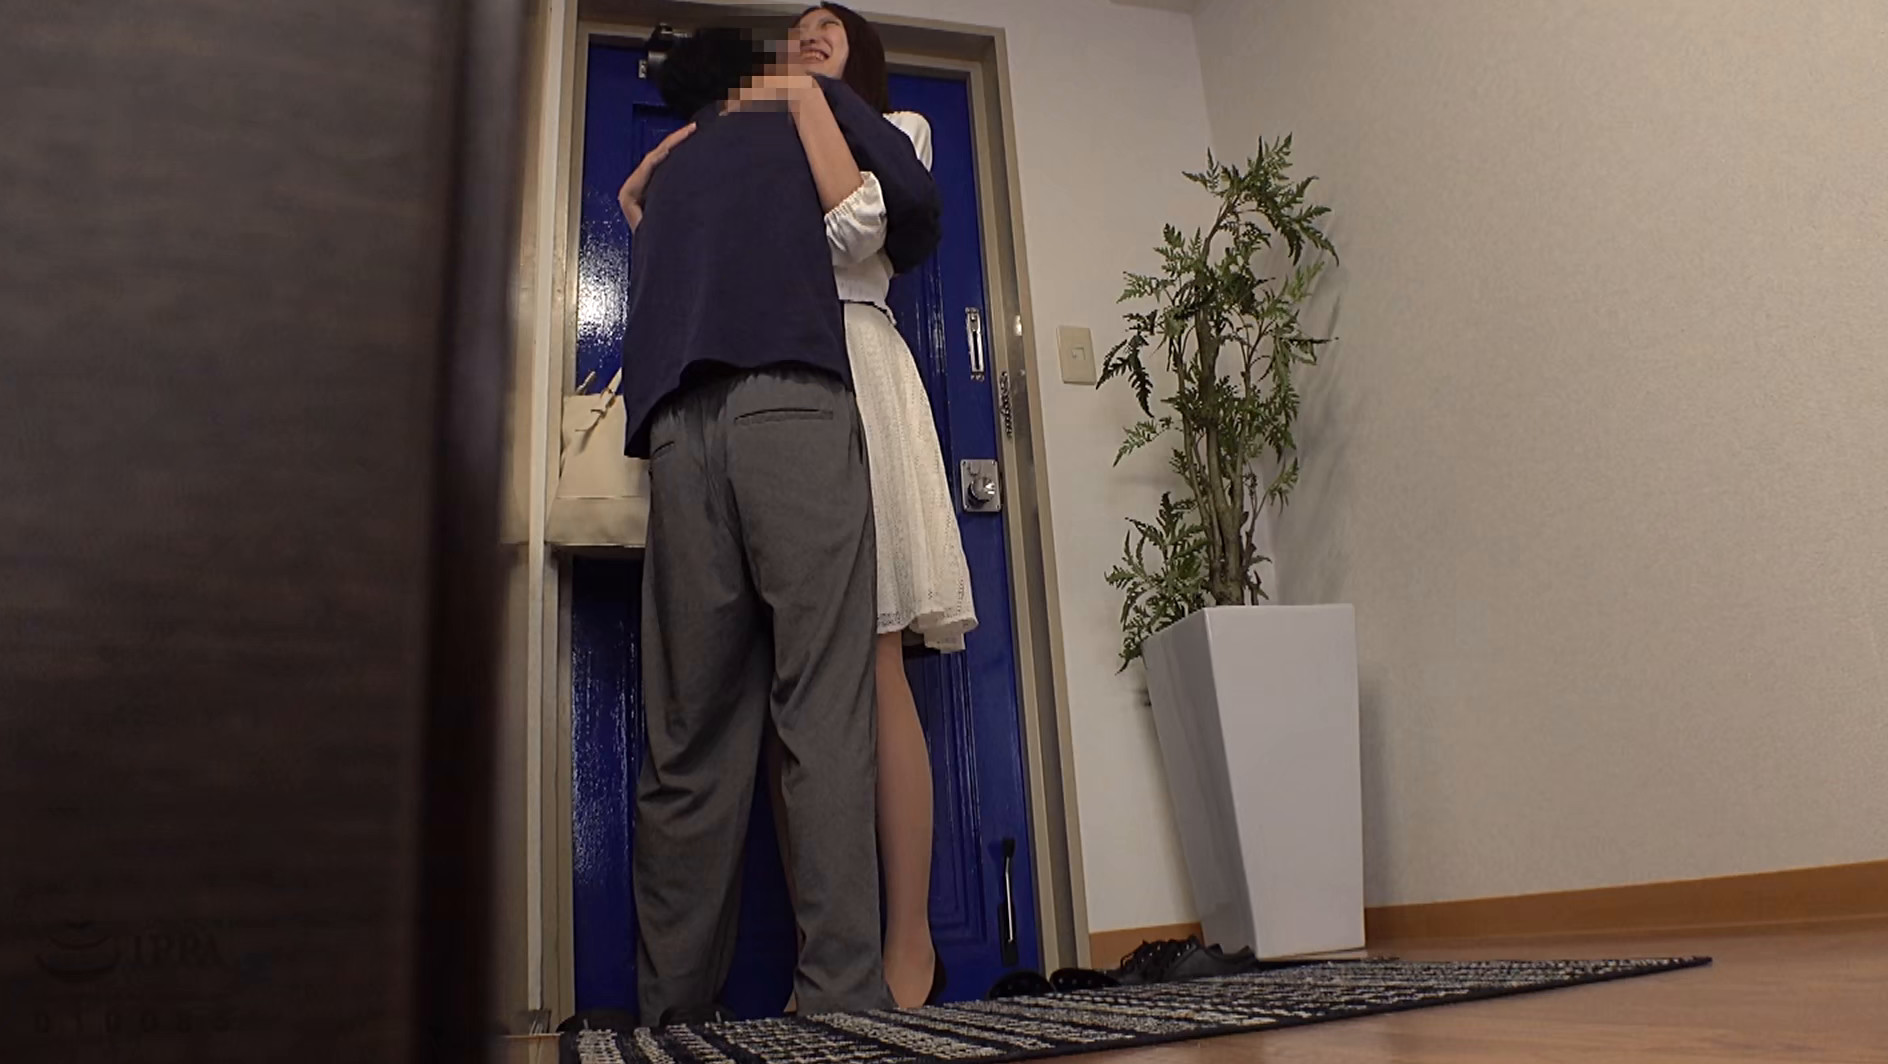 一人暮らしを始めた僕の部屋へ通う姉と近親相姦盗撮性交 画像1